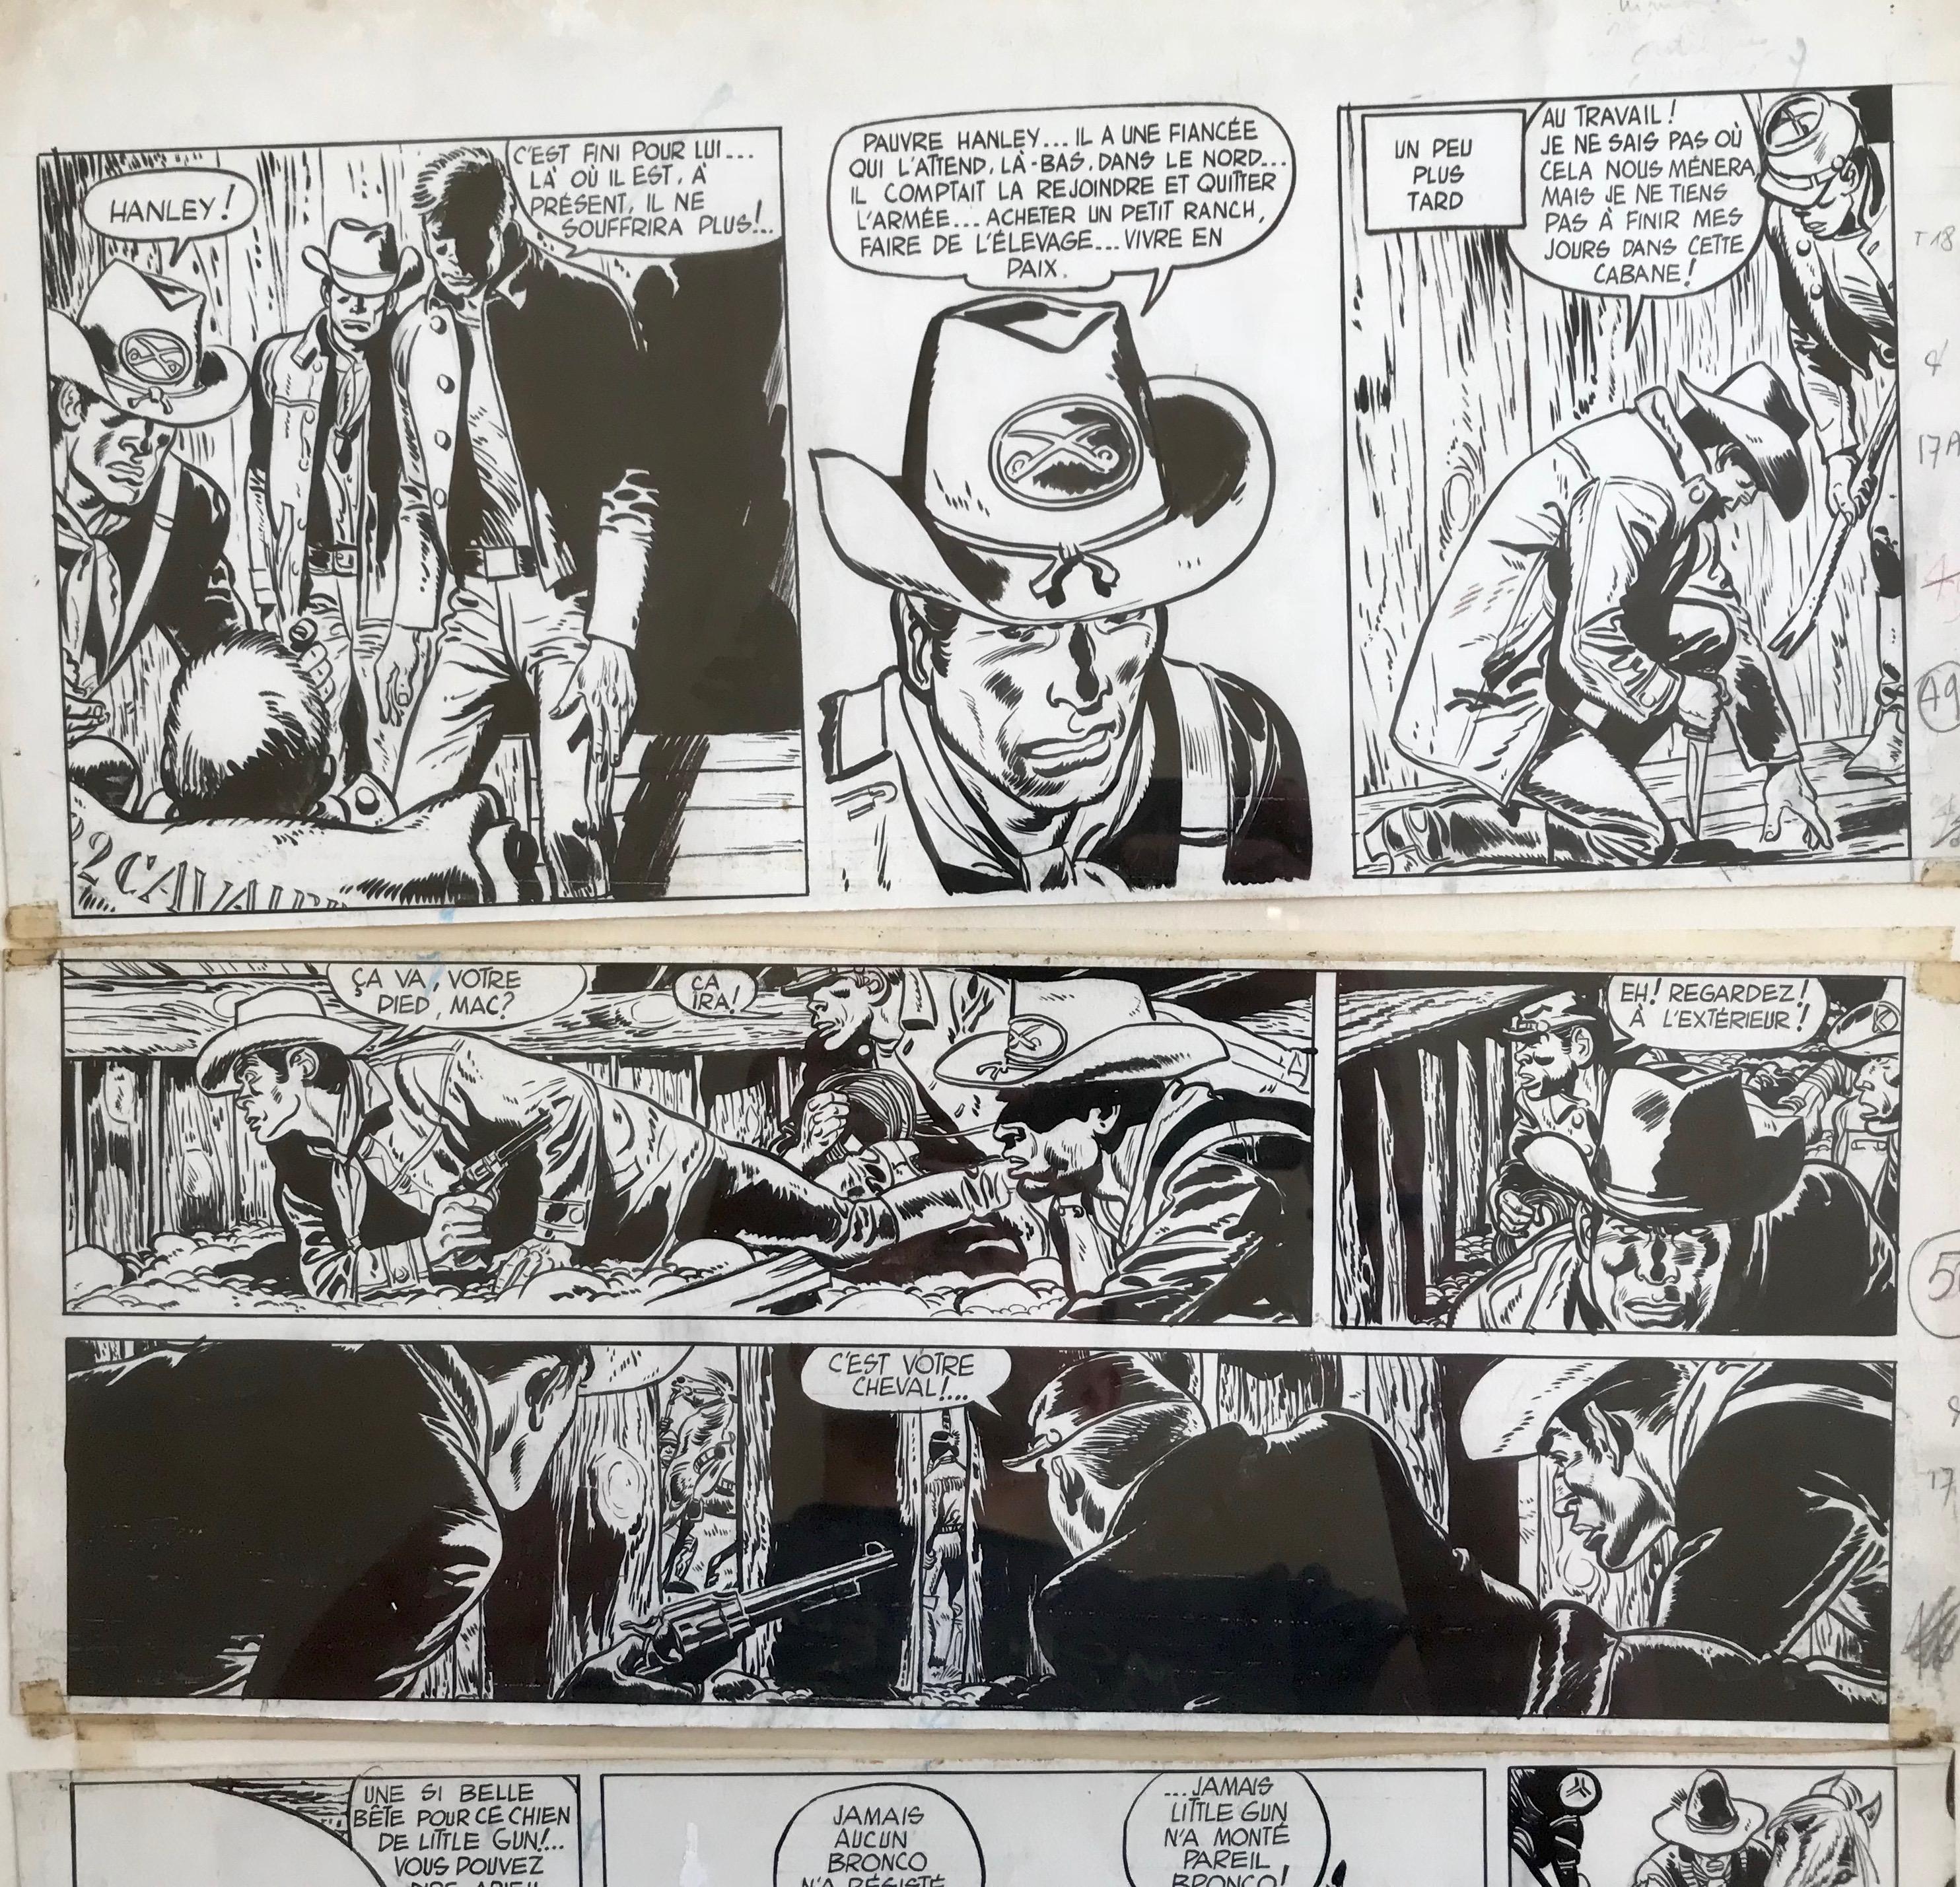 30 ans d'édition, par Sébastien Gnaedig. Les Trésor de la BD. #1: Jerry Spring, Le duel, planche 17 par Jijé